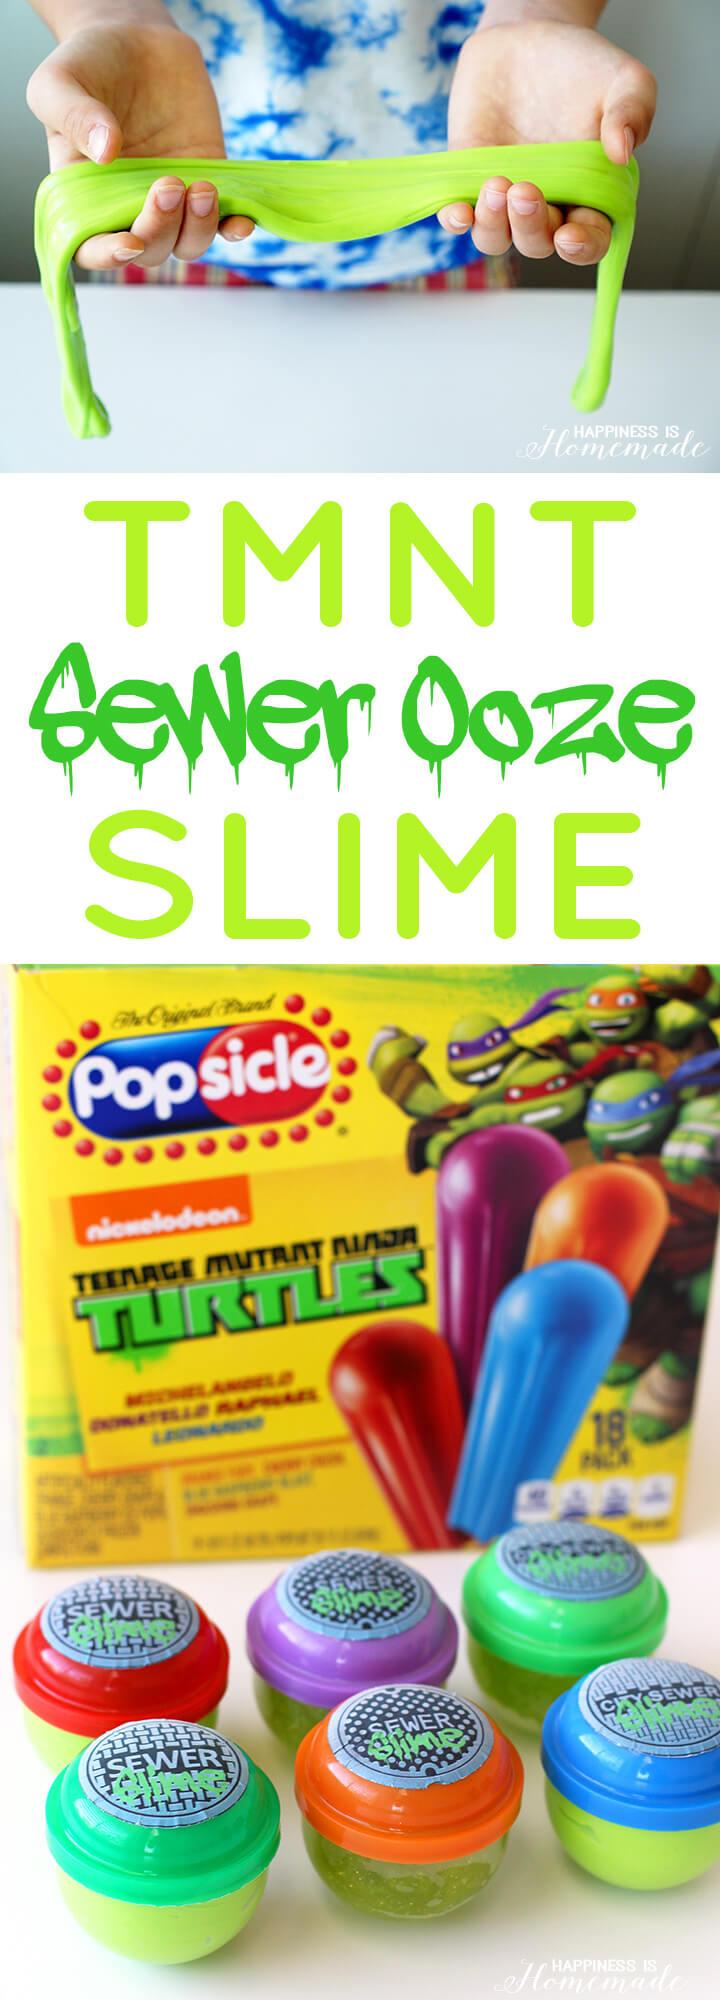 TMNT Sewer Ooze Slime Kids Craft - Teenage Mutant Ninja Turtles